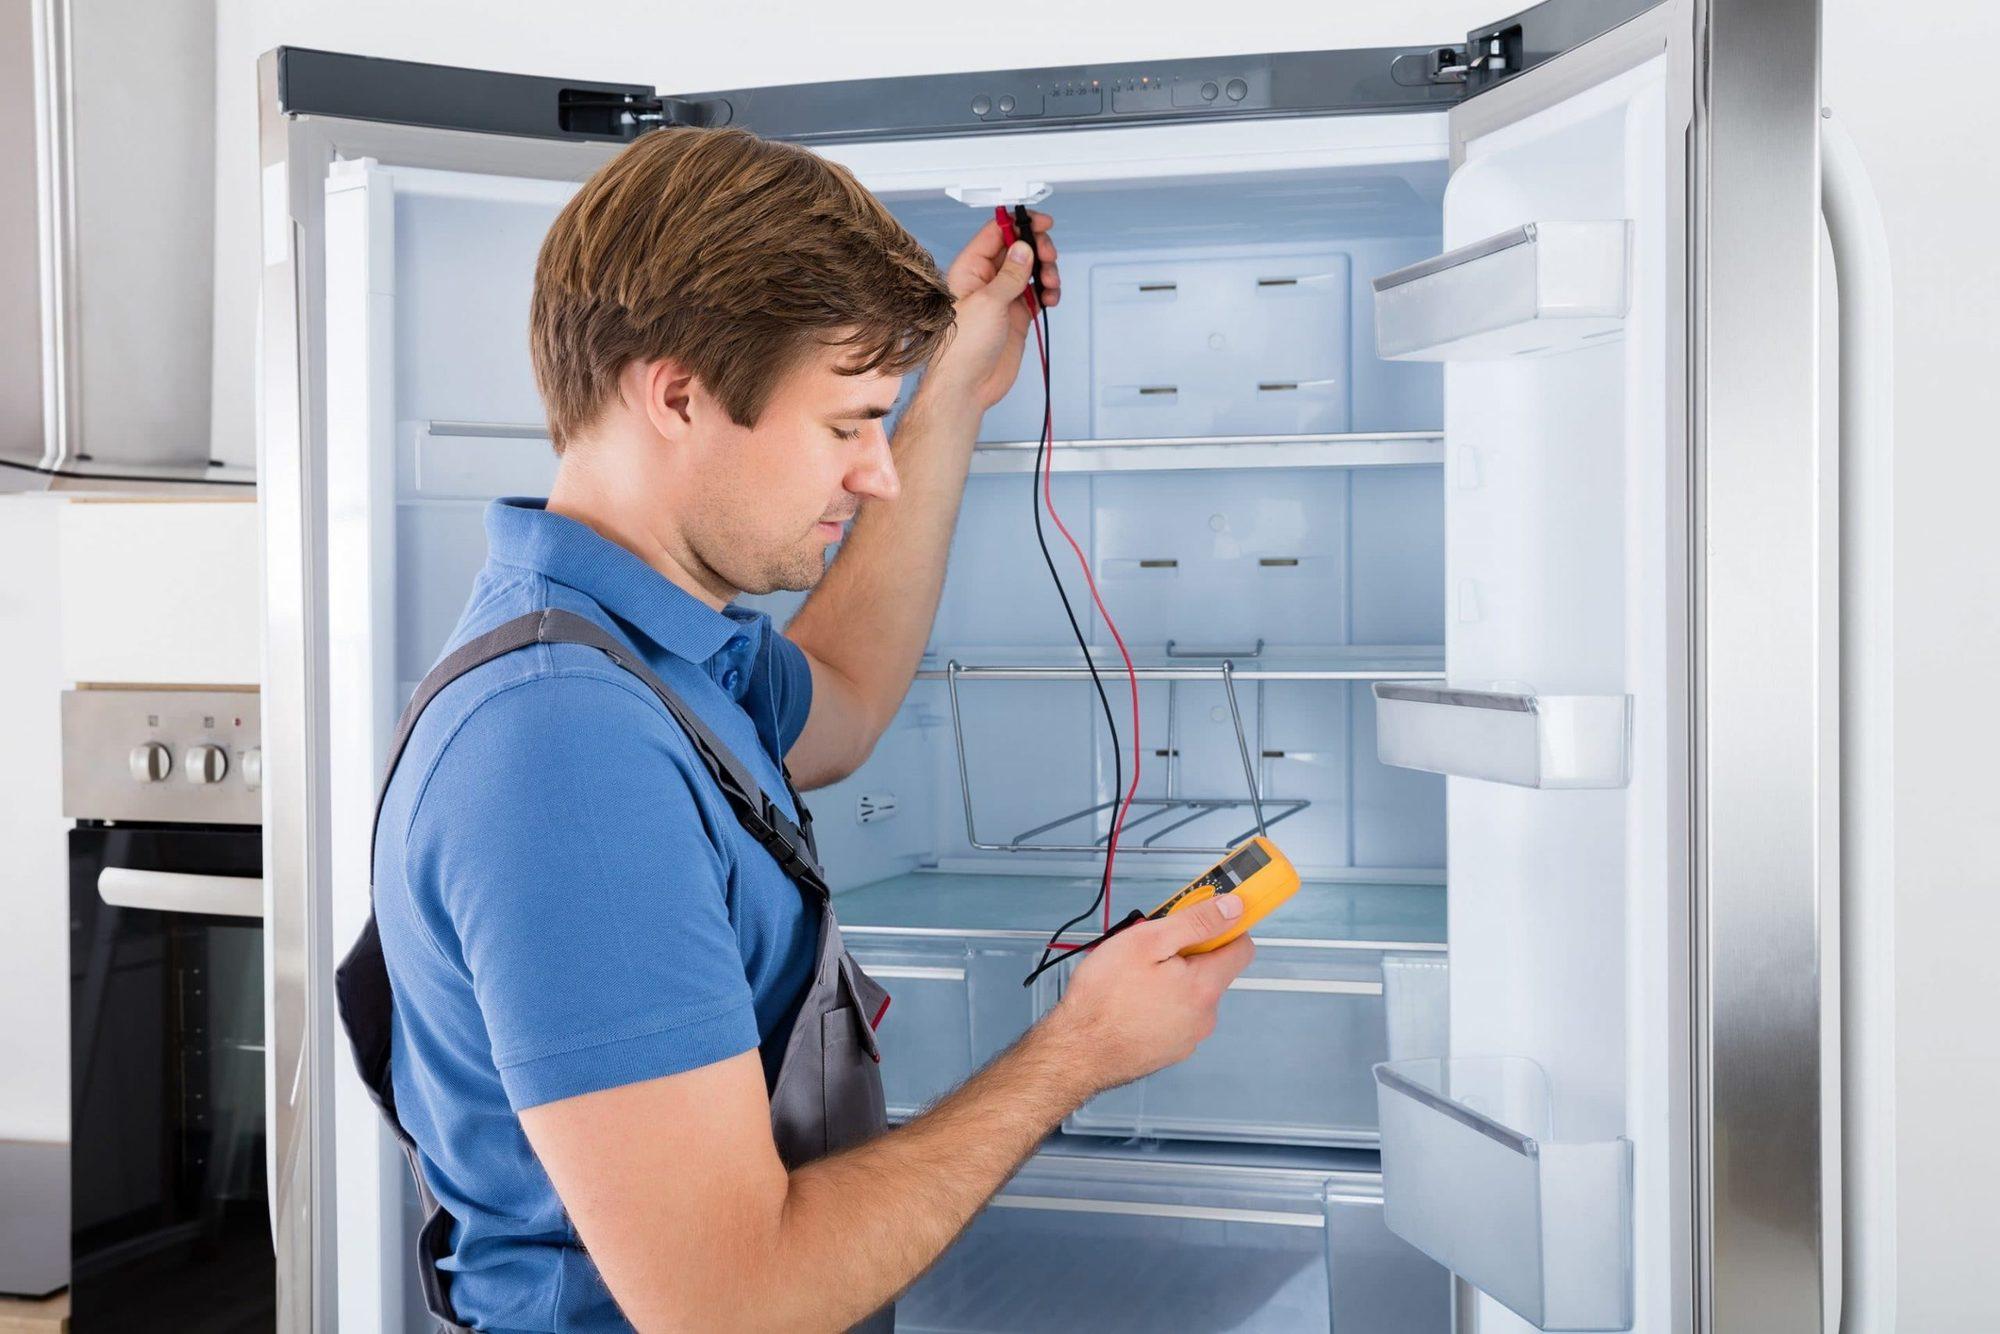 حل مشكلة عدم تبريد الثلاجة اقرأ السوق المفتوح